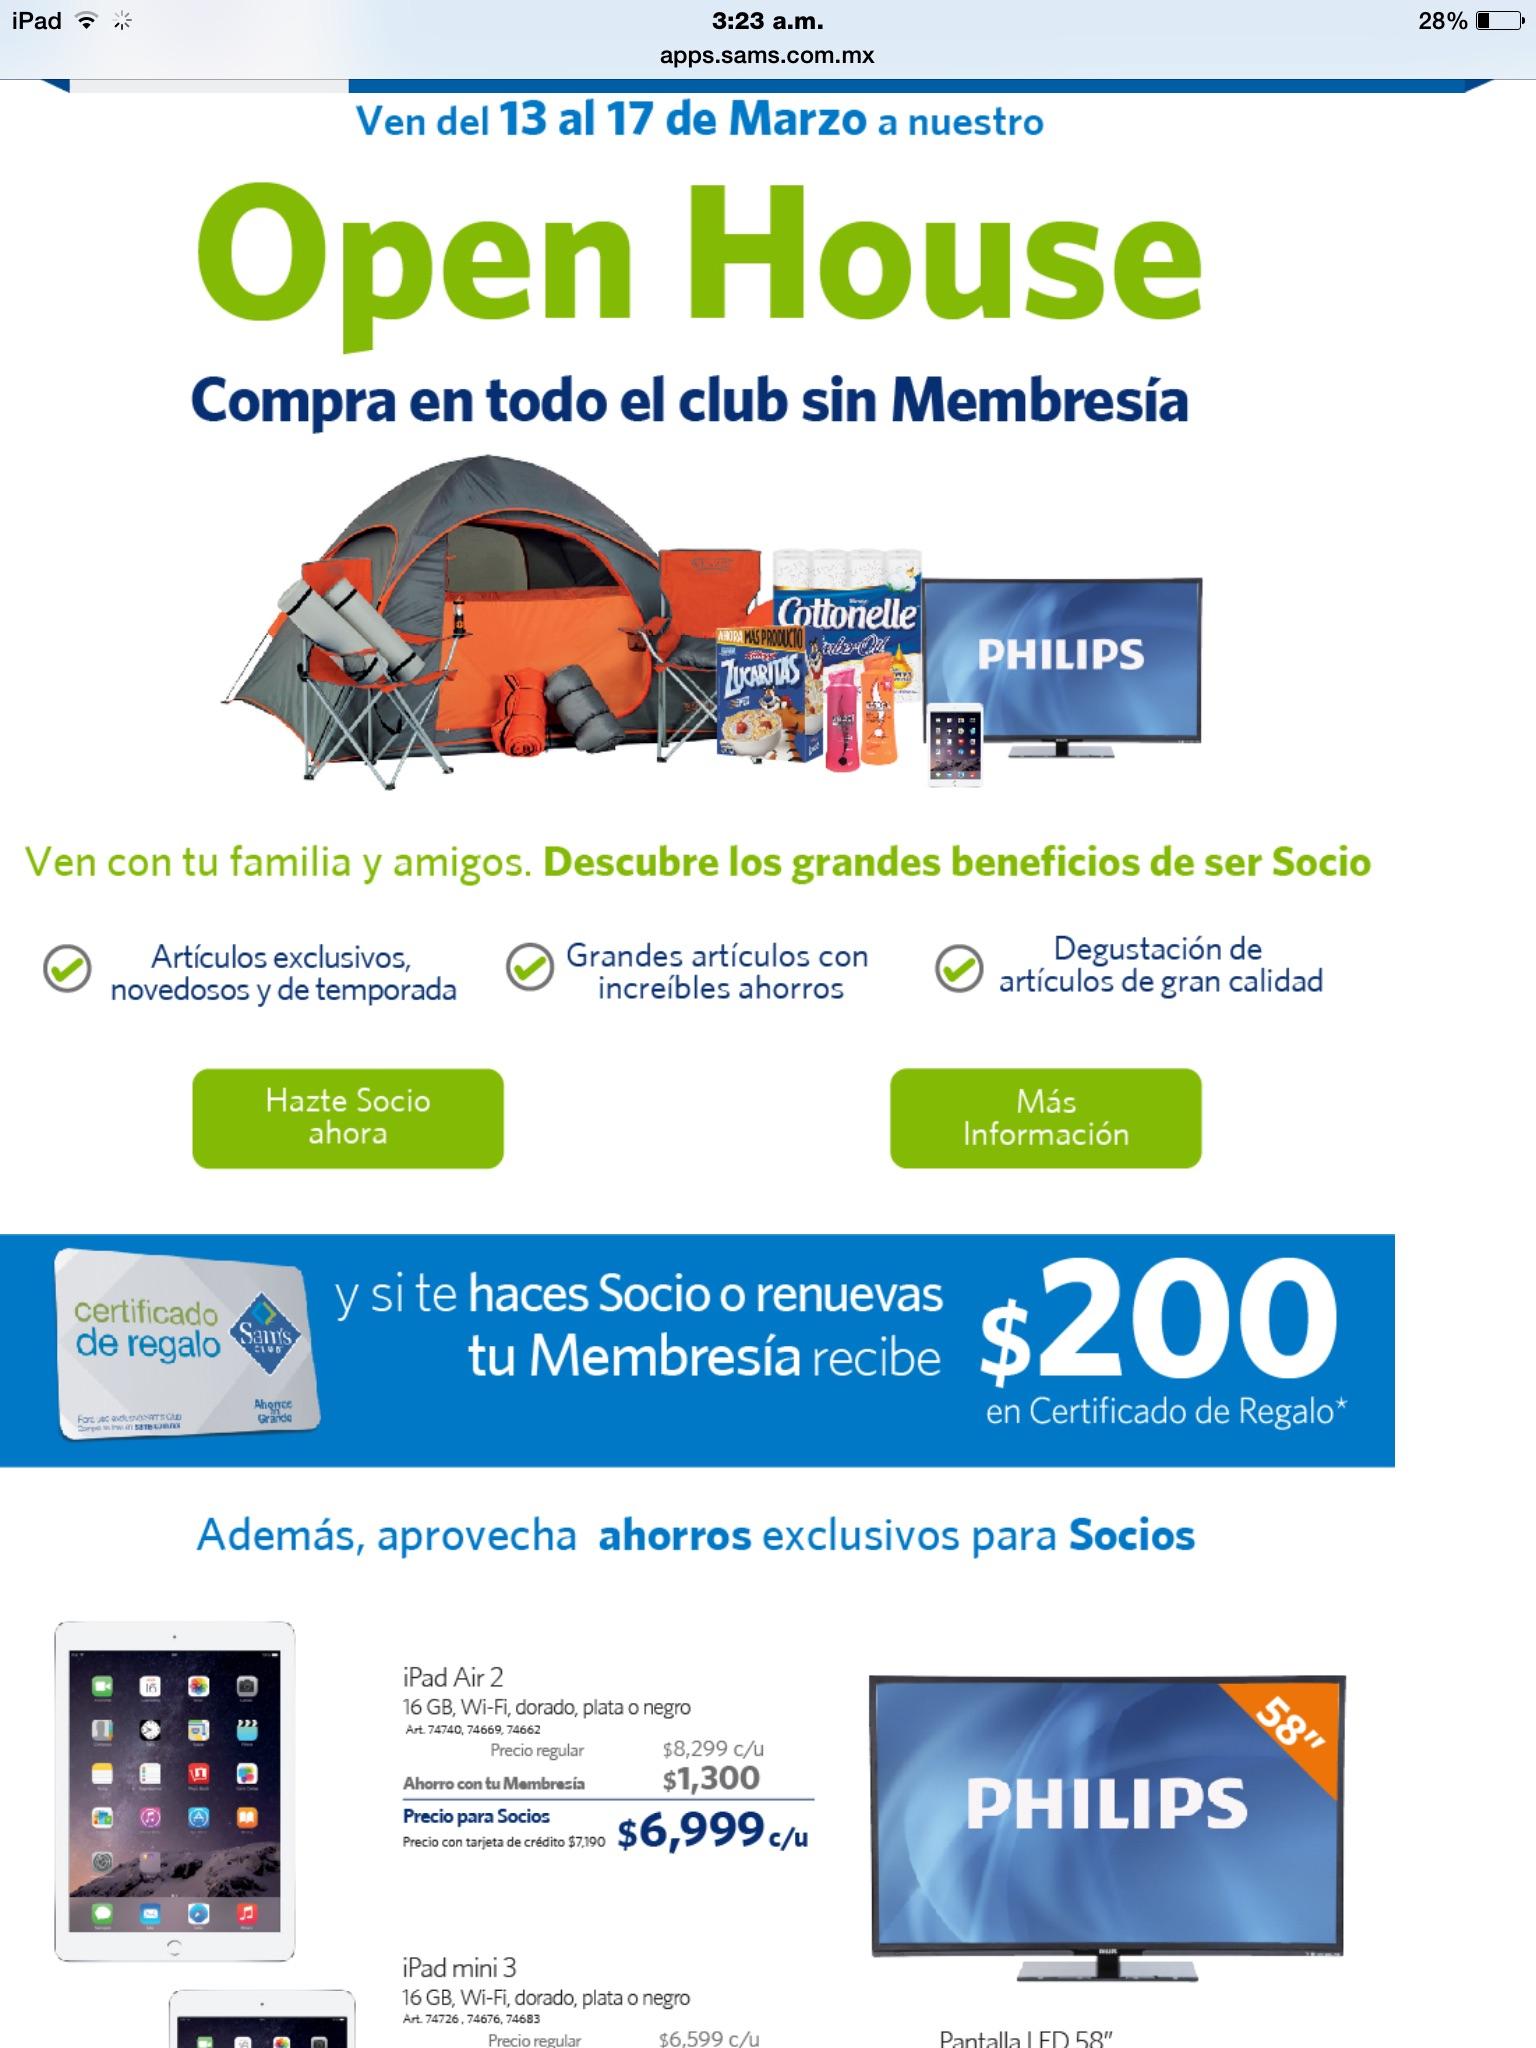 Sam's Club: $200 de bonificación al hacerte socio o renovar membresía el próximo fin